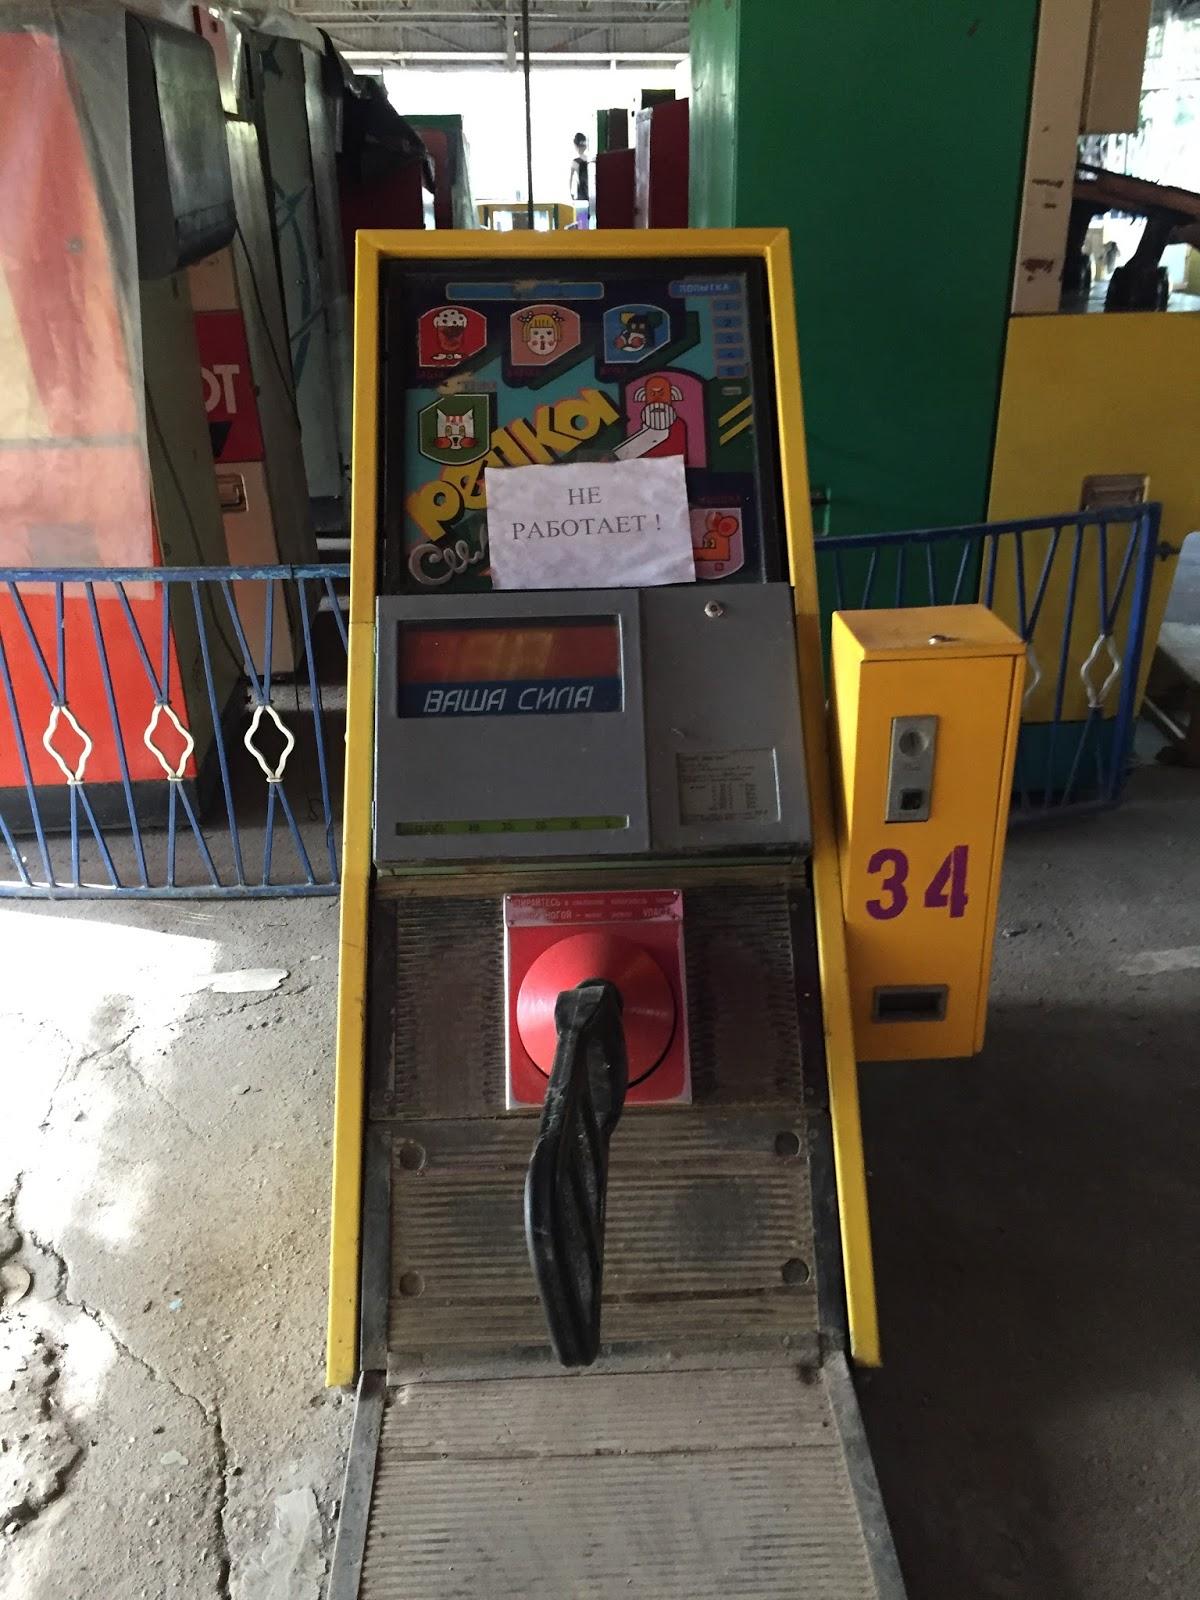 Игровые автоматы ростов на дону на зжм скачать бесплатно игровые автоматы гаминатор на андроид